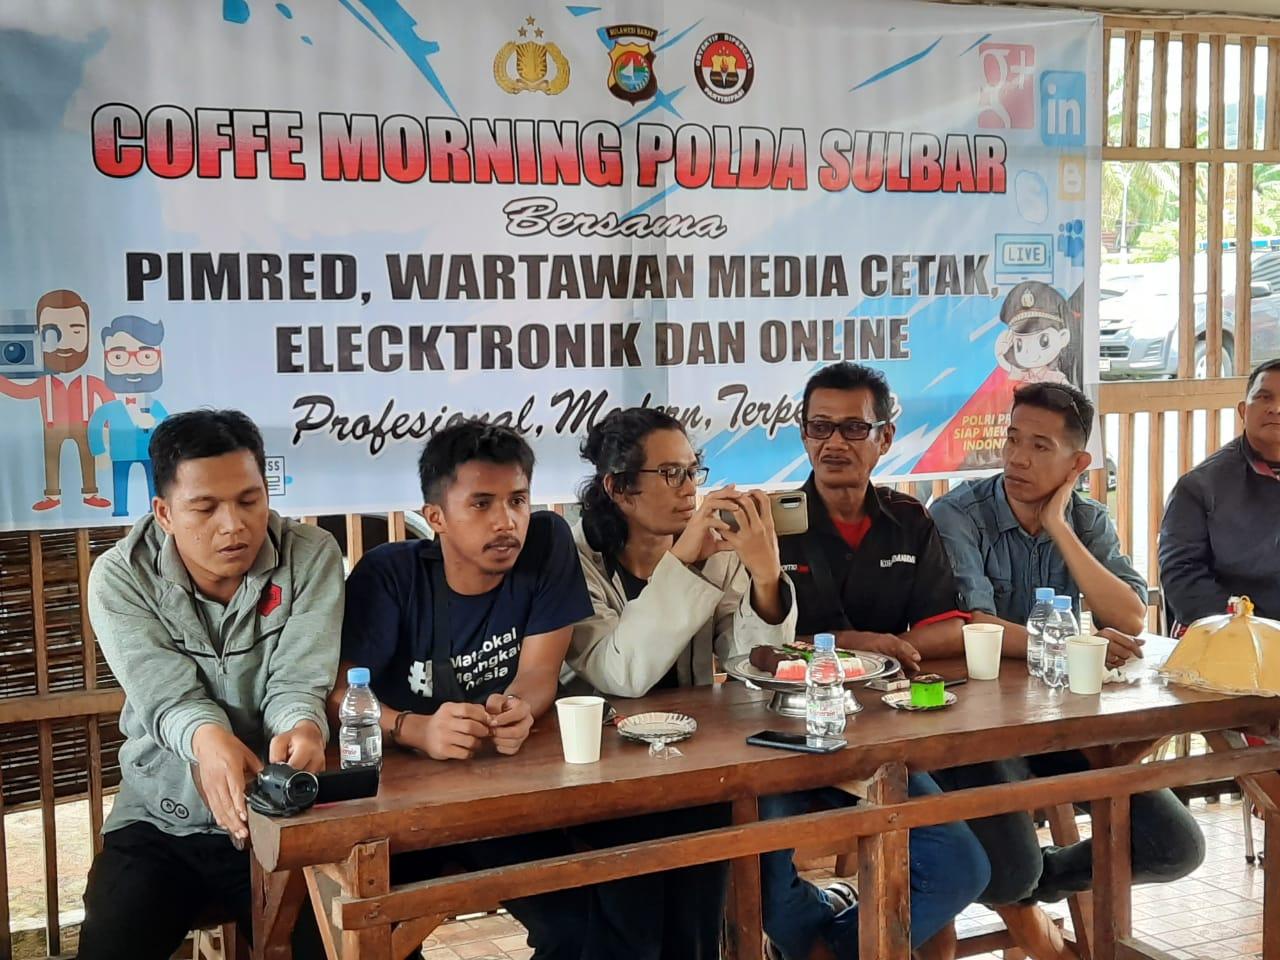 Aplikasi online-Cybernewsnasional.com